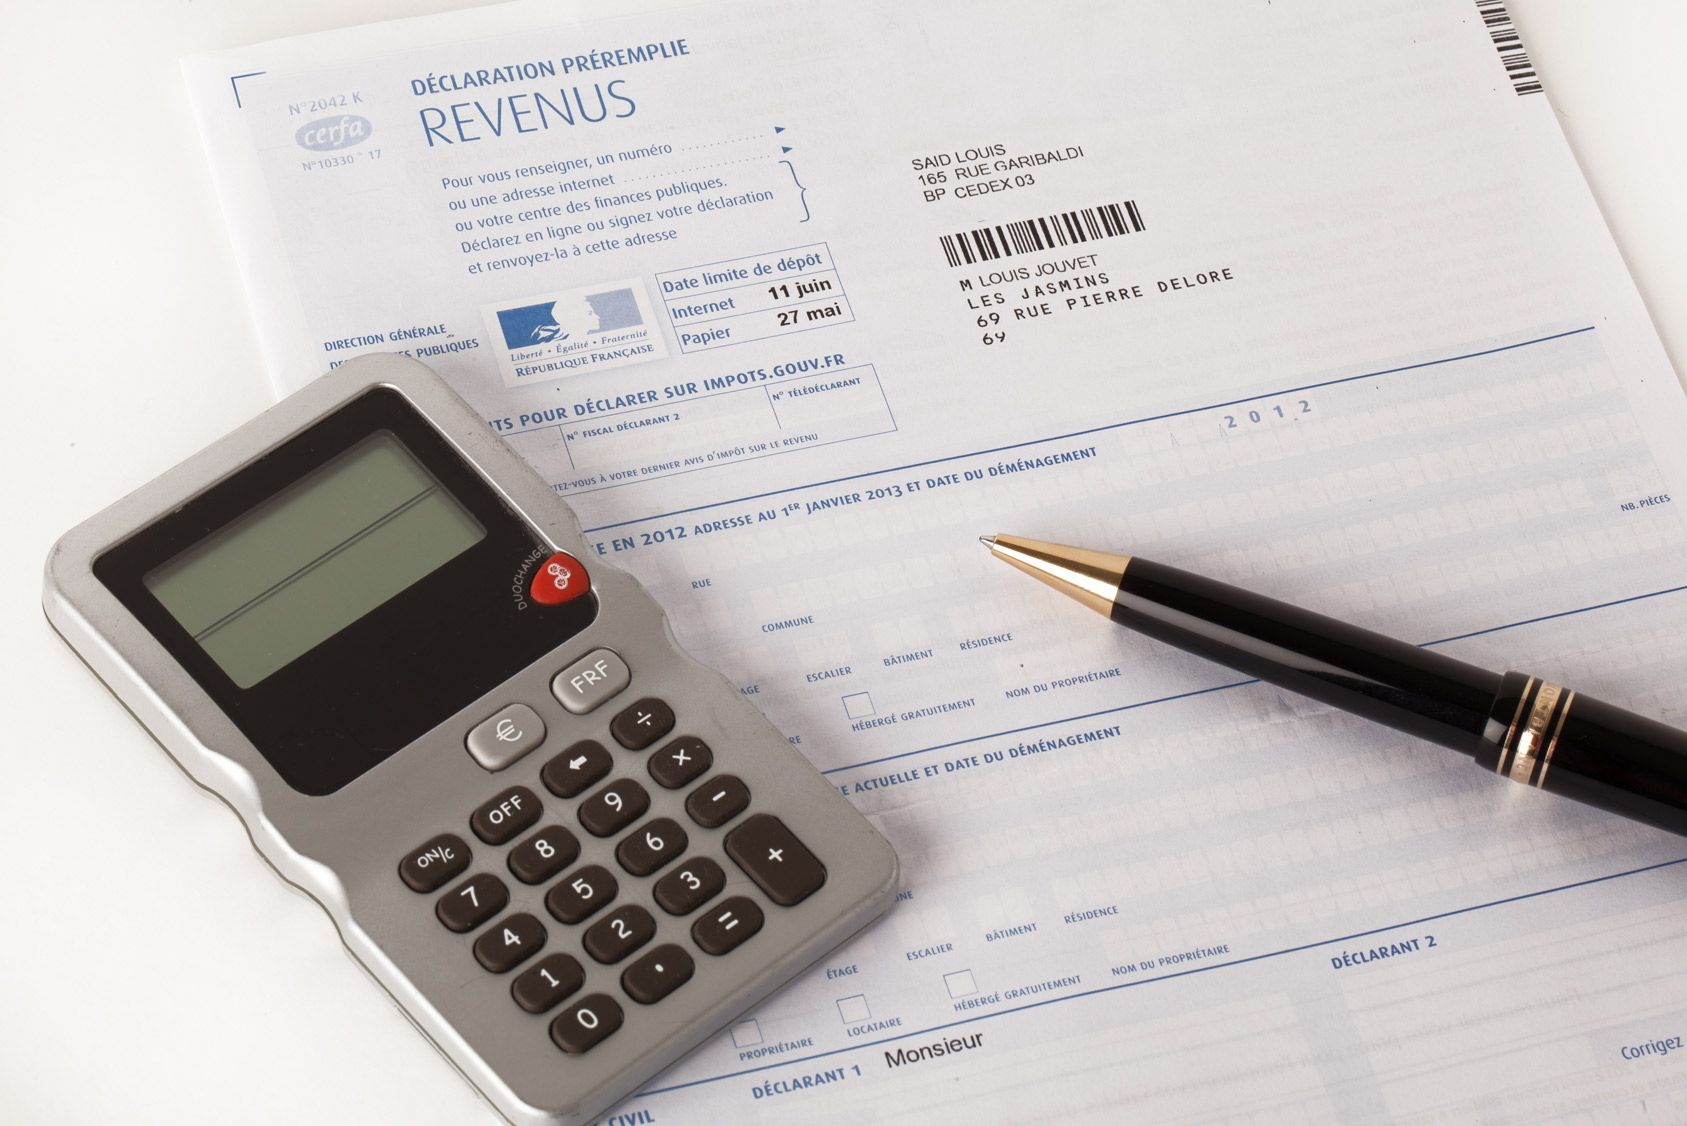 L'exonération d'impôt sur la plus-value: article 150 U II, 1bis du code général des impôts